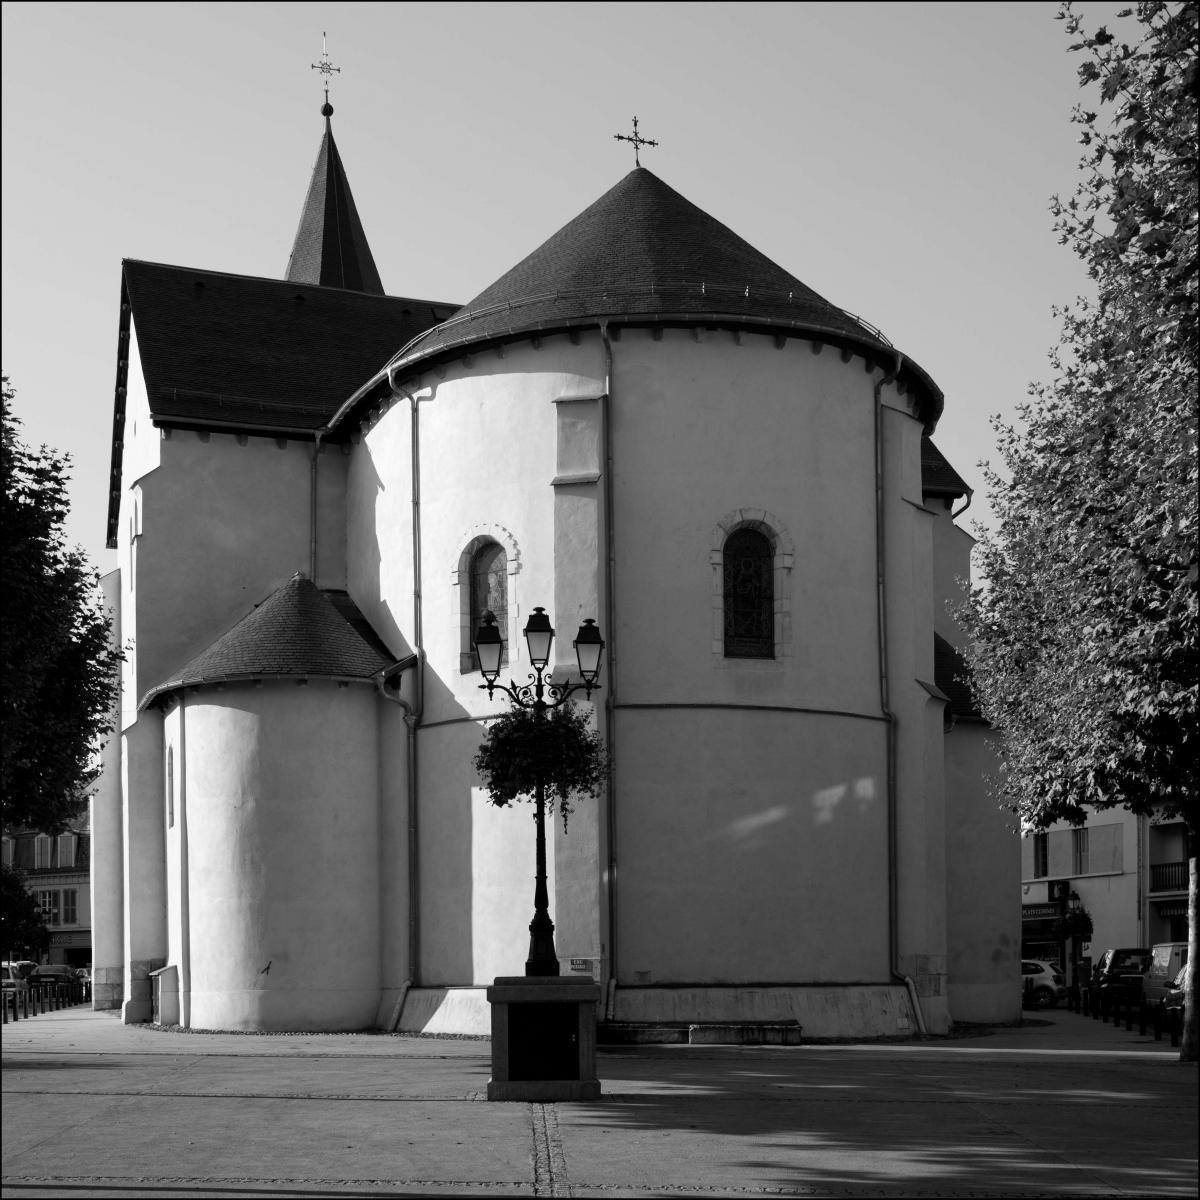 Eglise d'Argeles Gazost